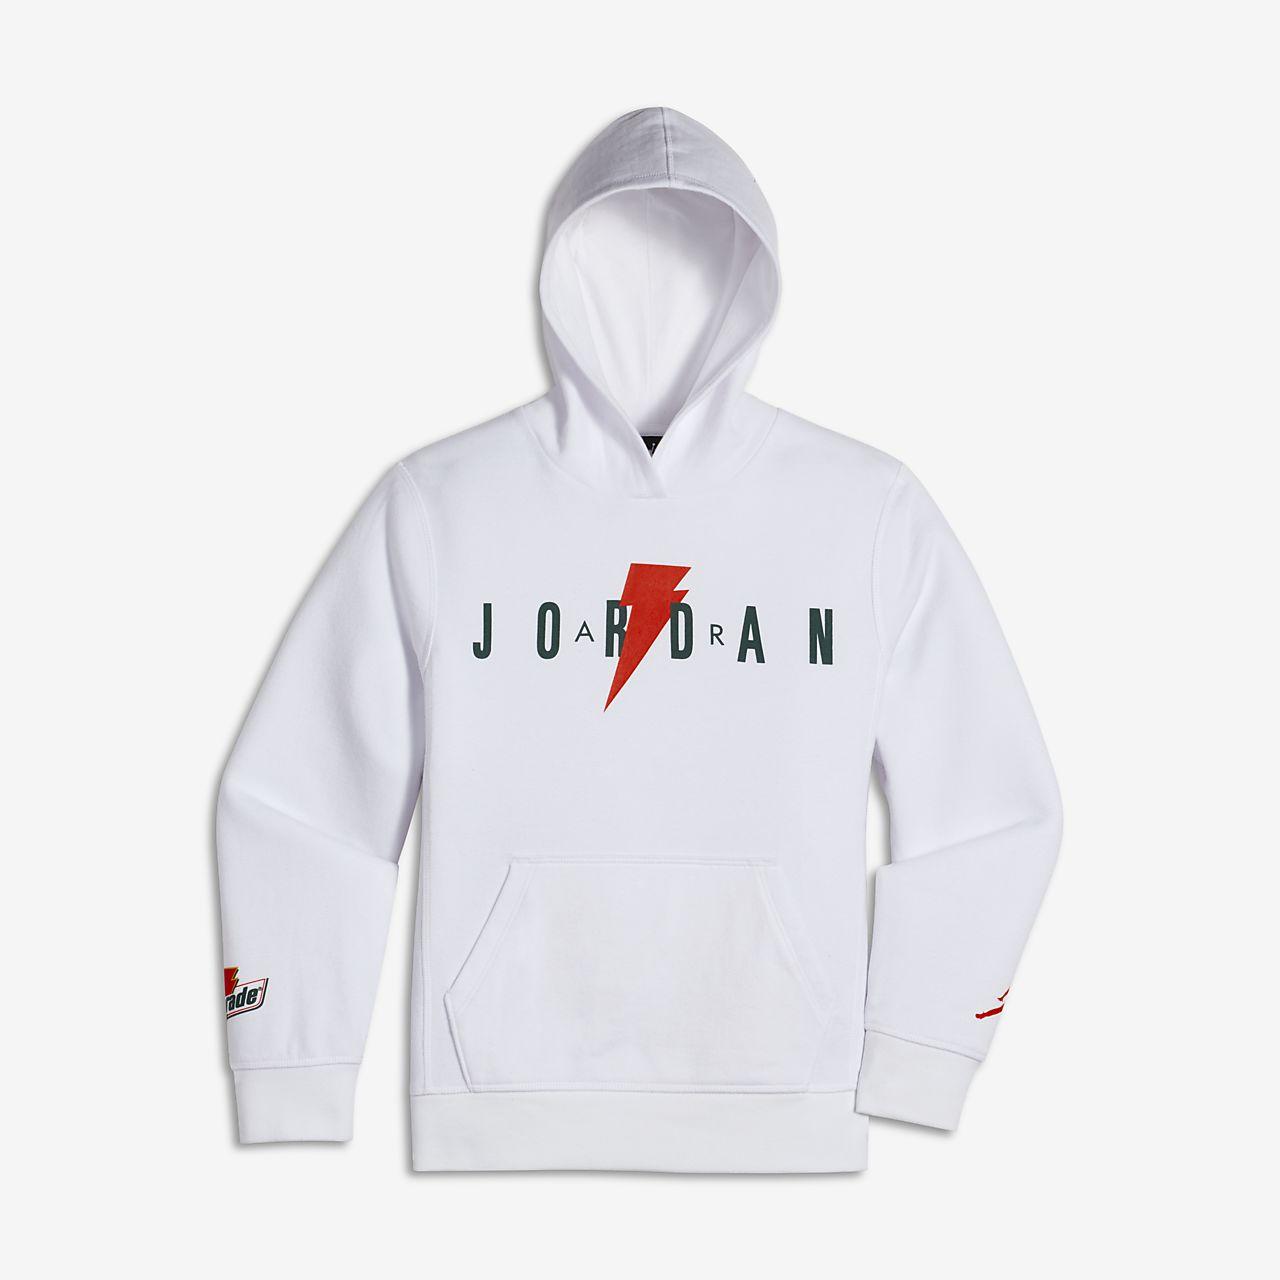 Jordan Like Mike Older Kids Boys Hoodie Nikecom Gb